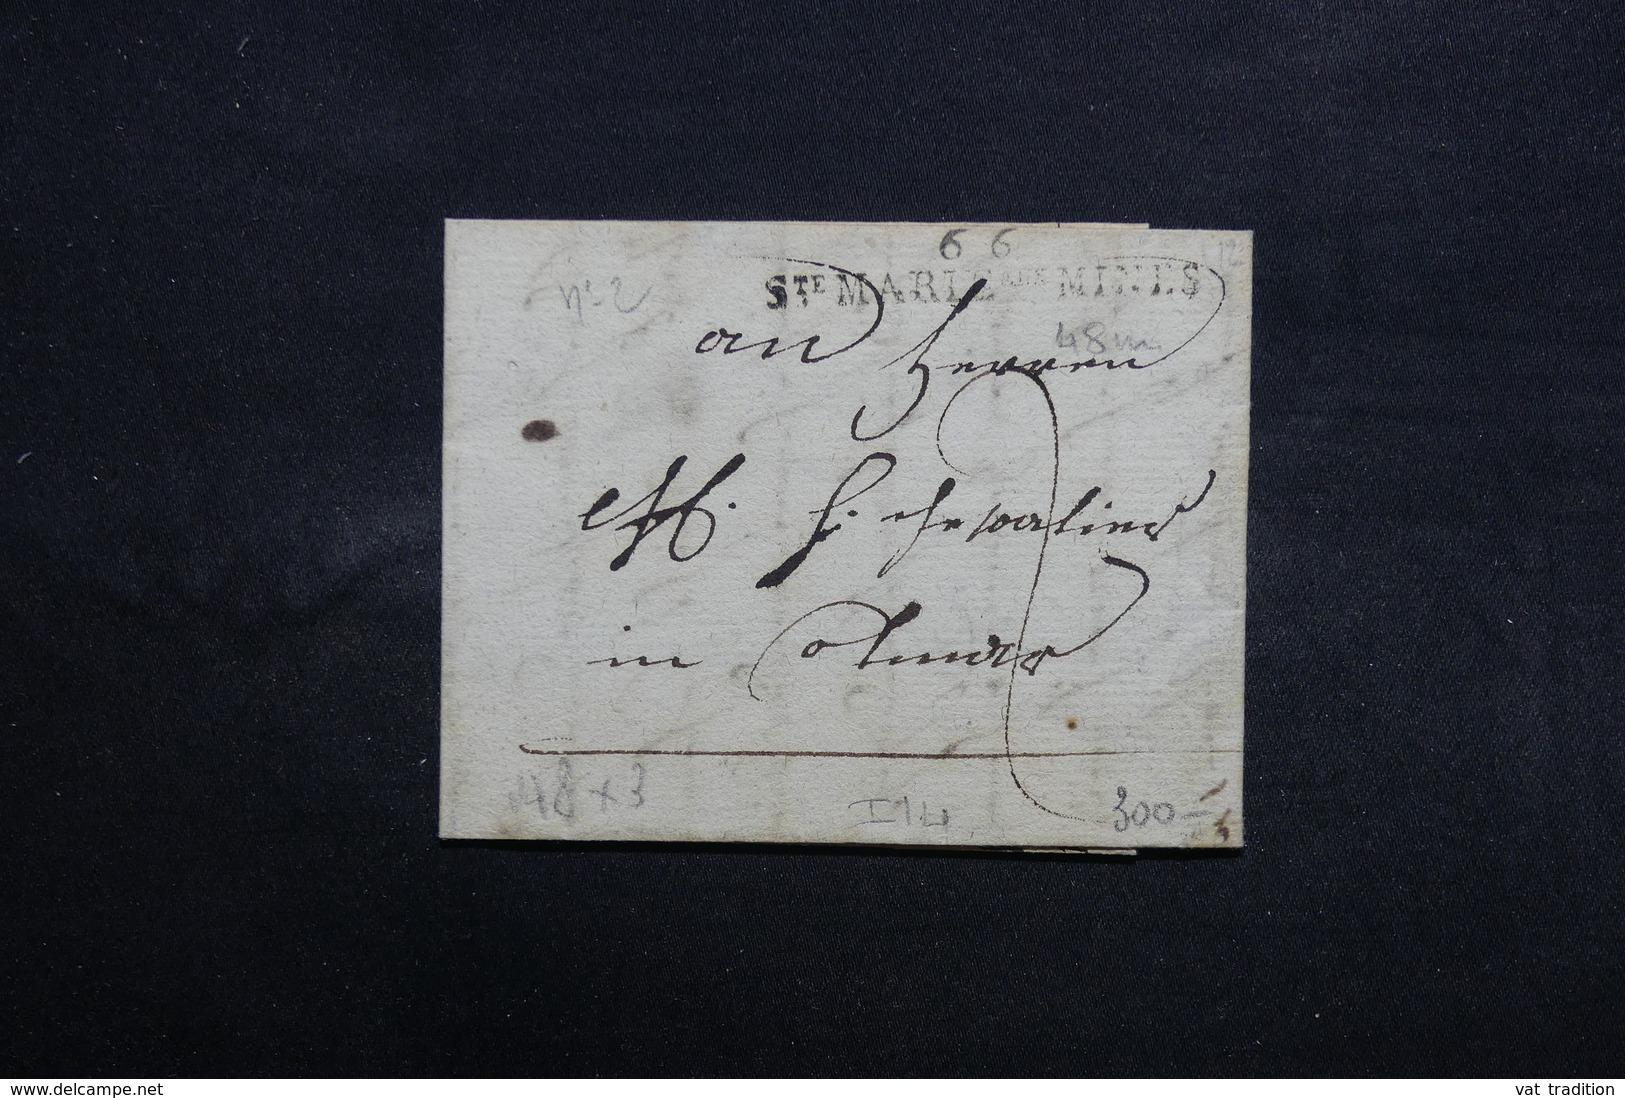 """FRANCE - Marque Postale """" 66 Sainte Marie Aux Mines """" Sur Lettre -  L 31685 - Marcophilie (Lettres)"""